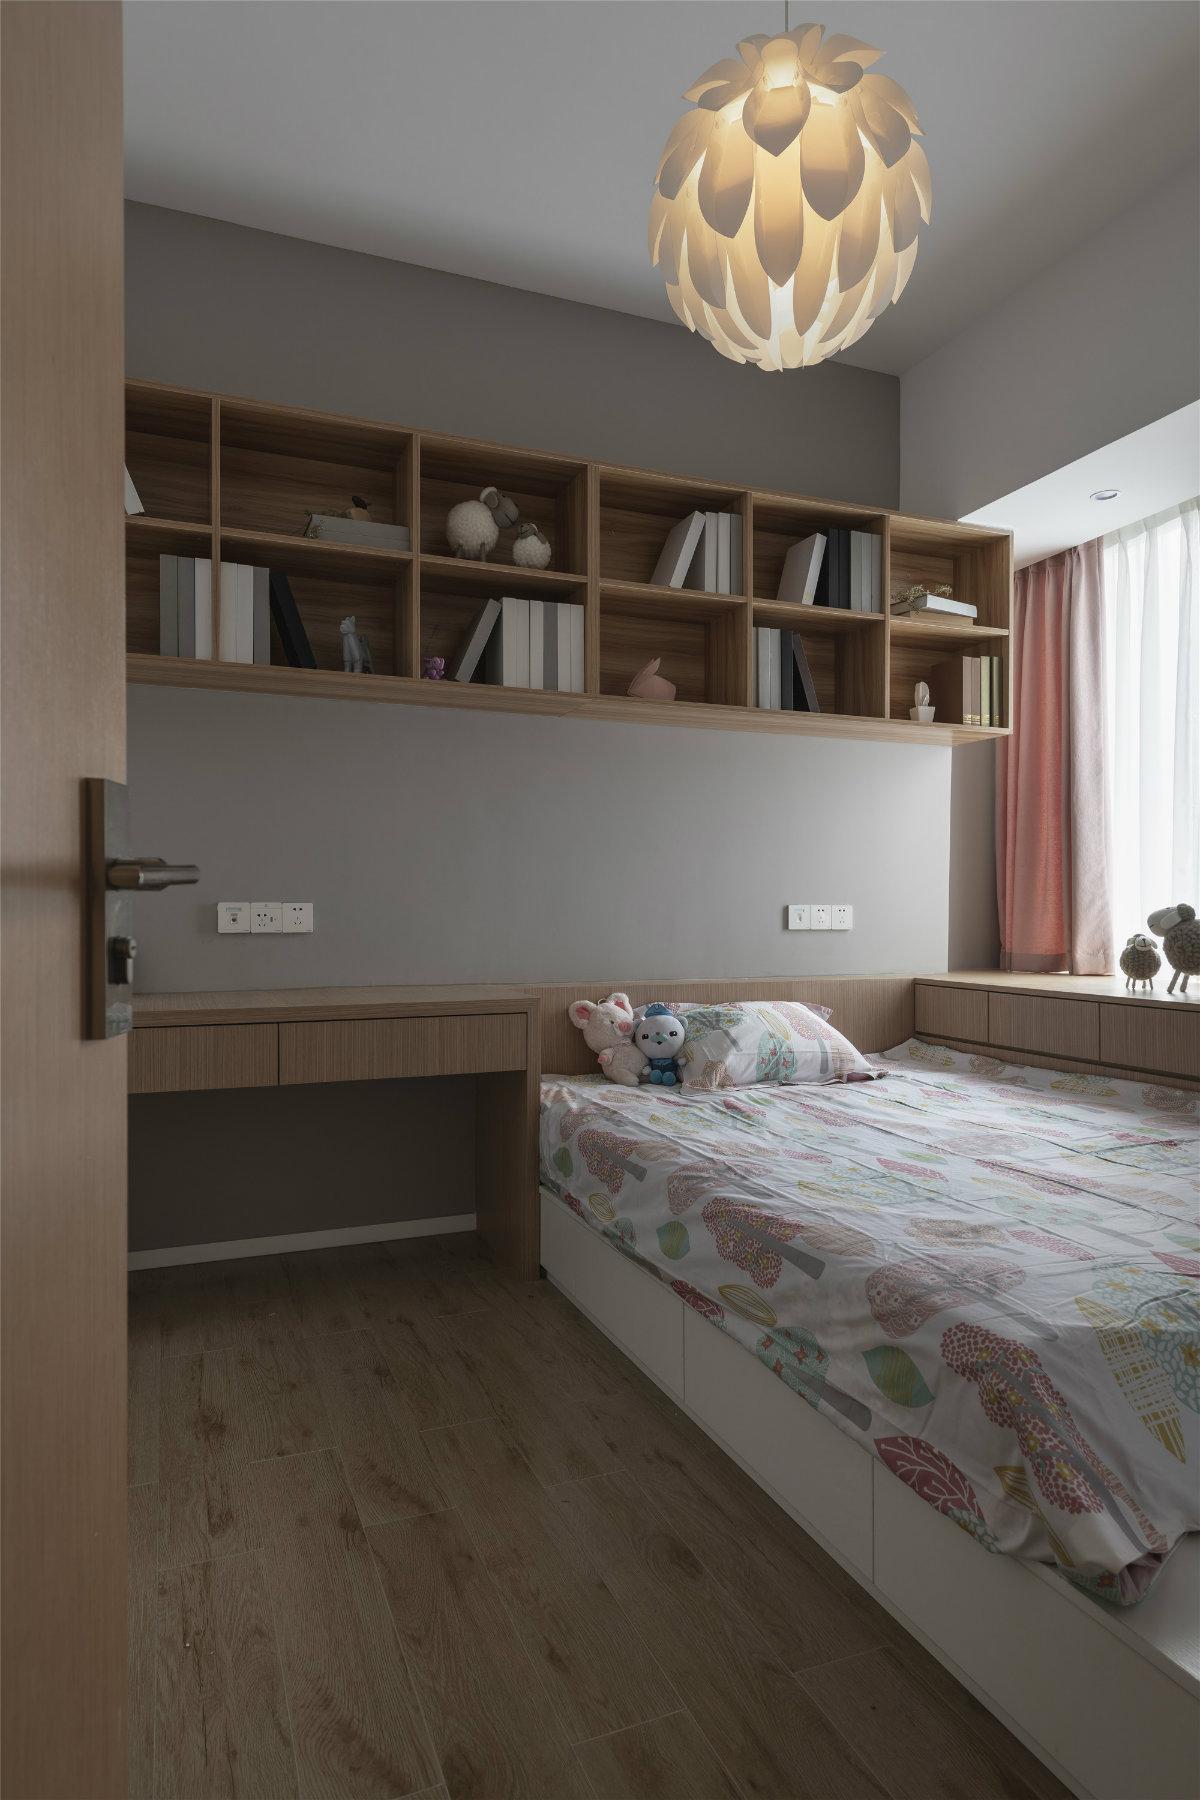 140㎡现代风榻榻米卧室装修效果图